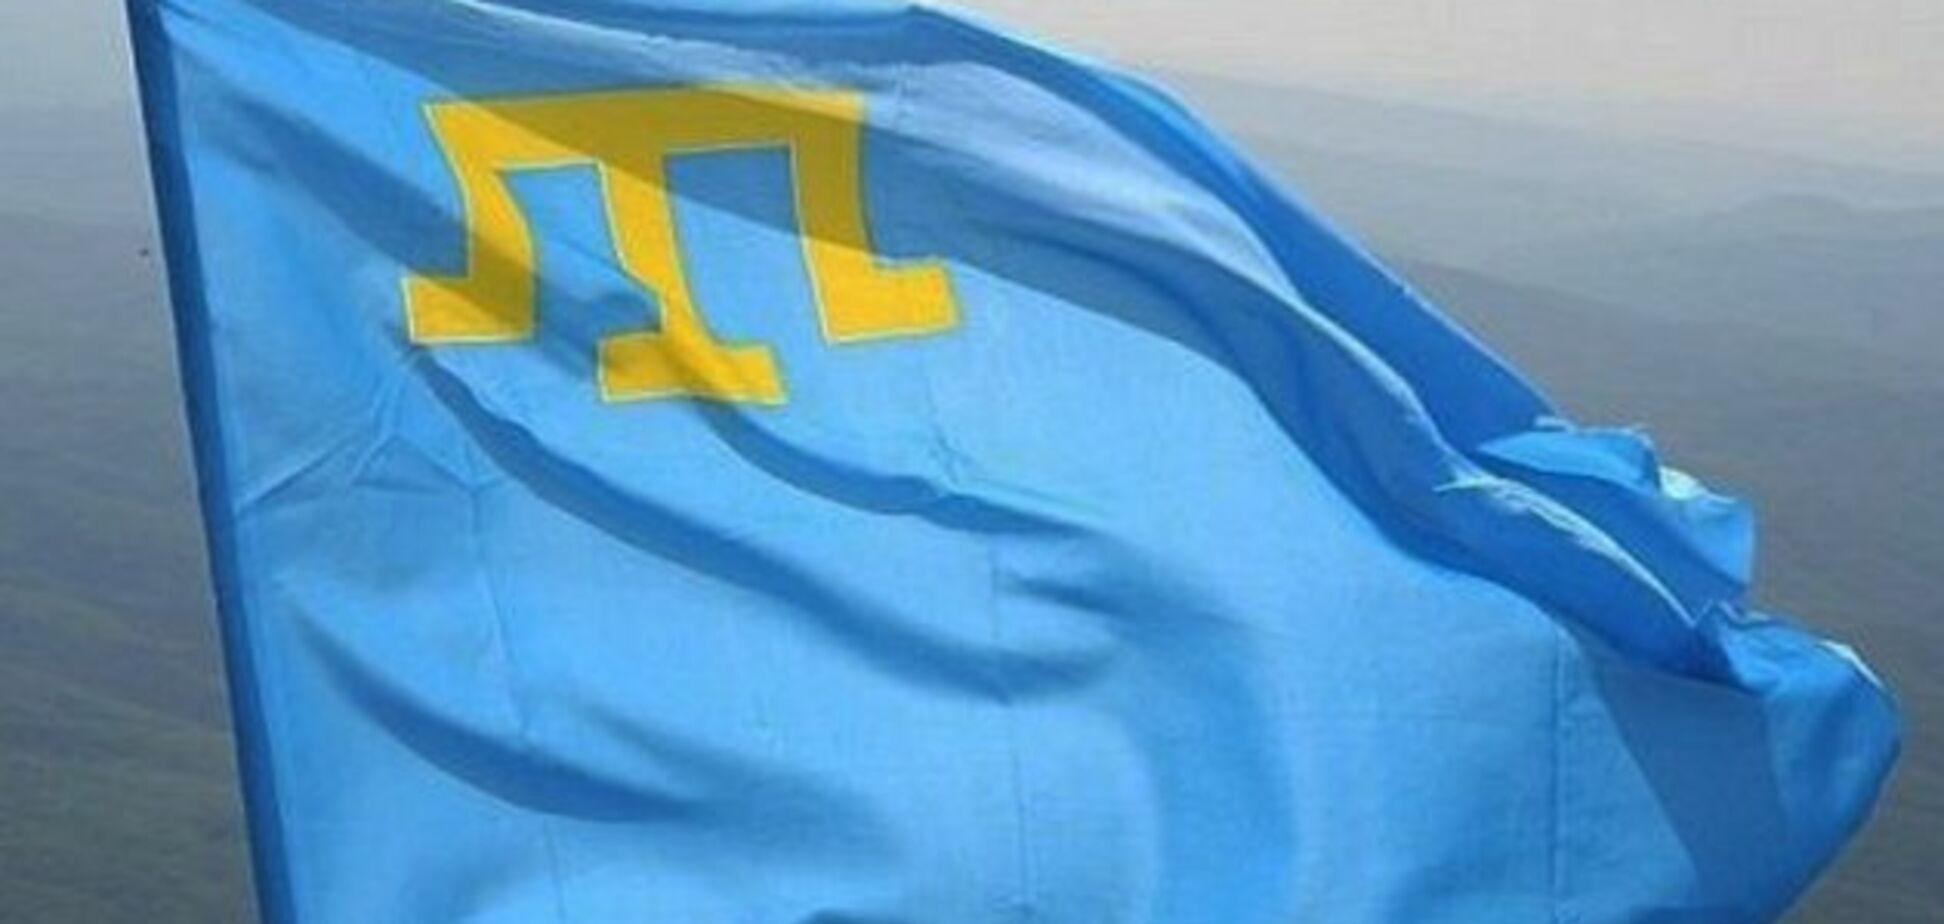 Немає 'поляни' - немає схем: чому прокуратура Криму так динамічно працює